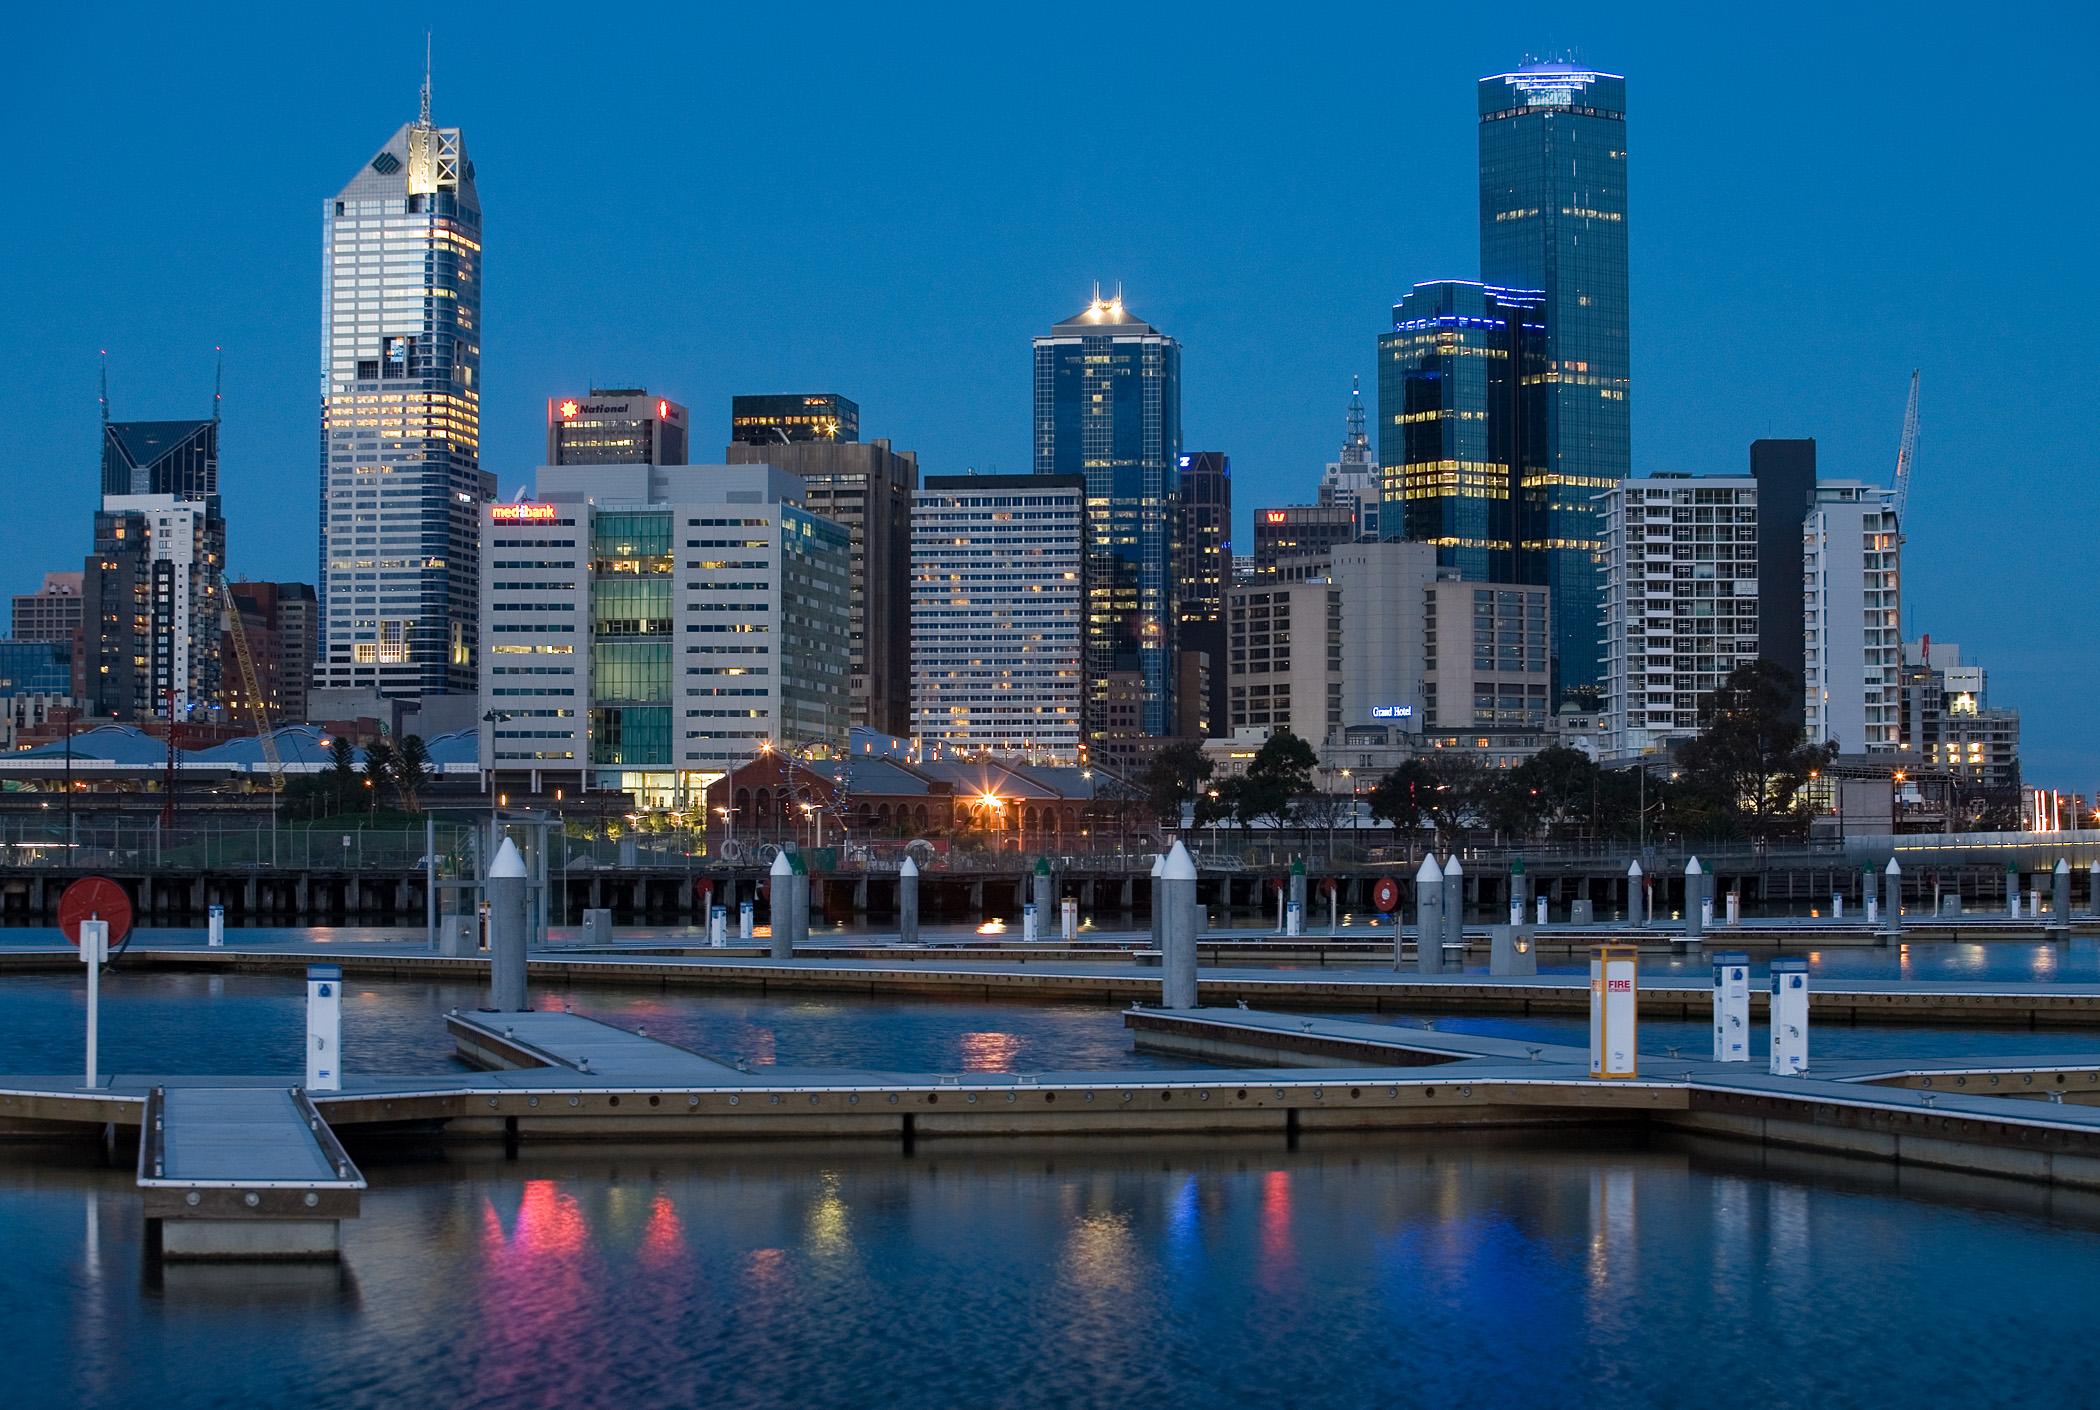 Melbourne docklands twilight